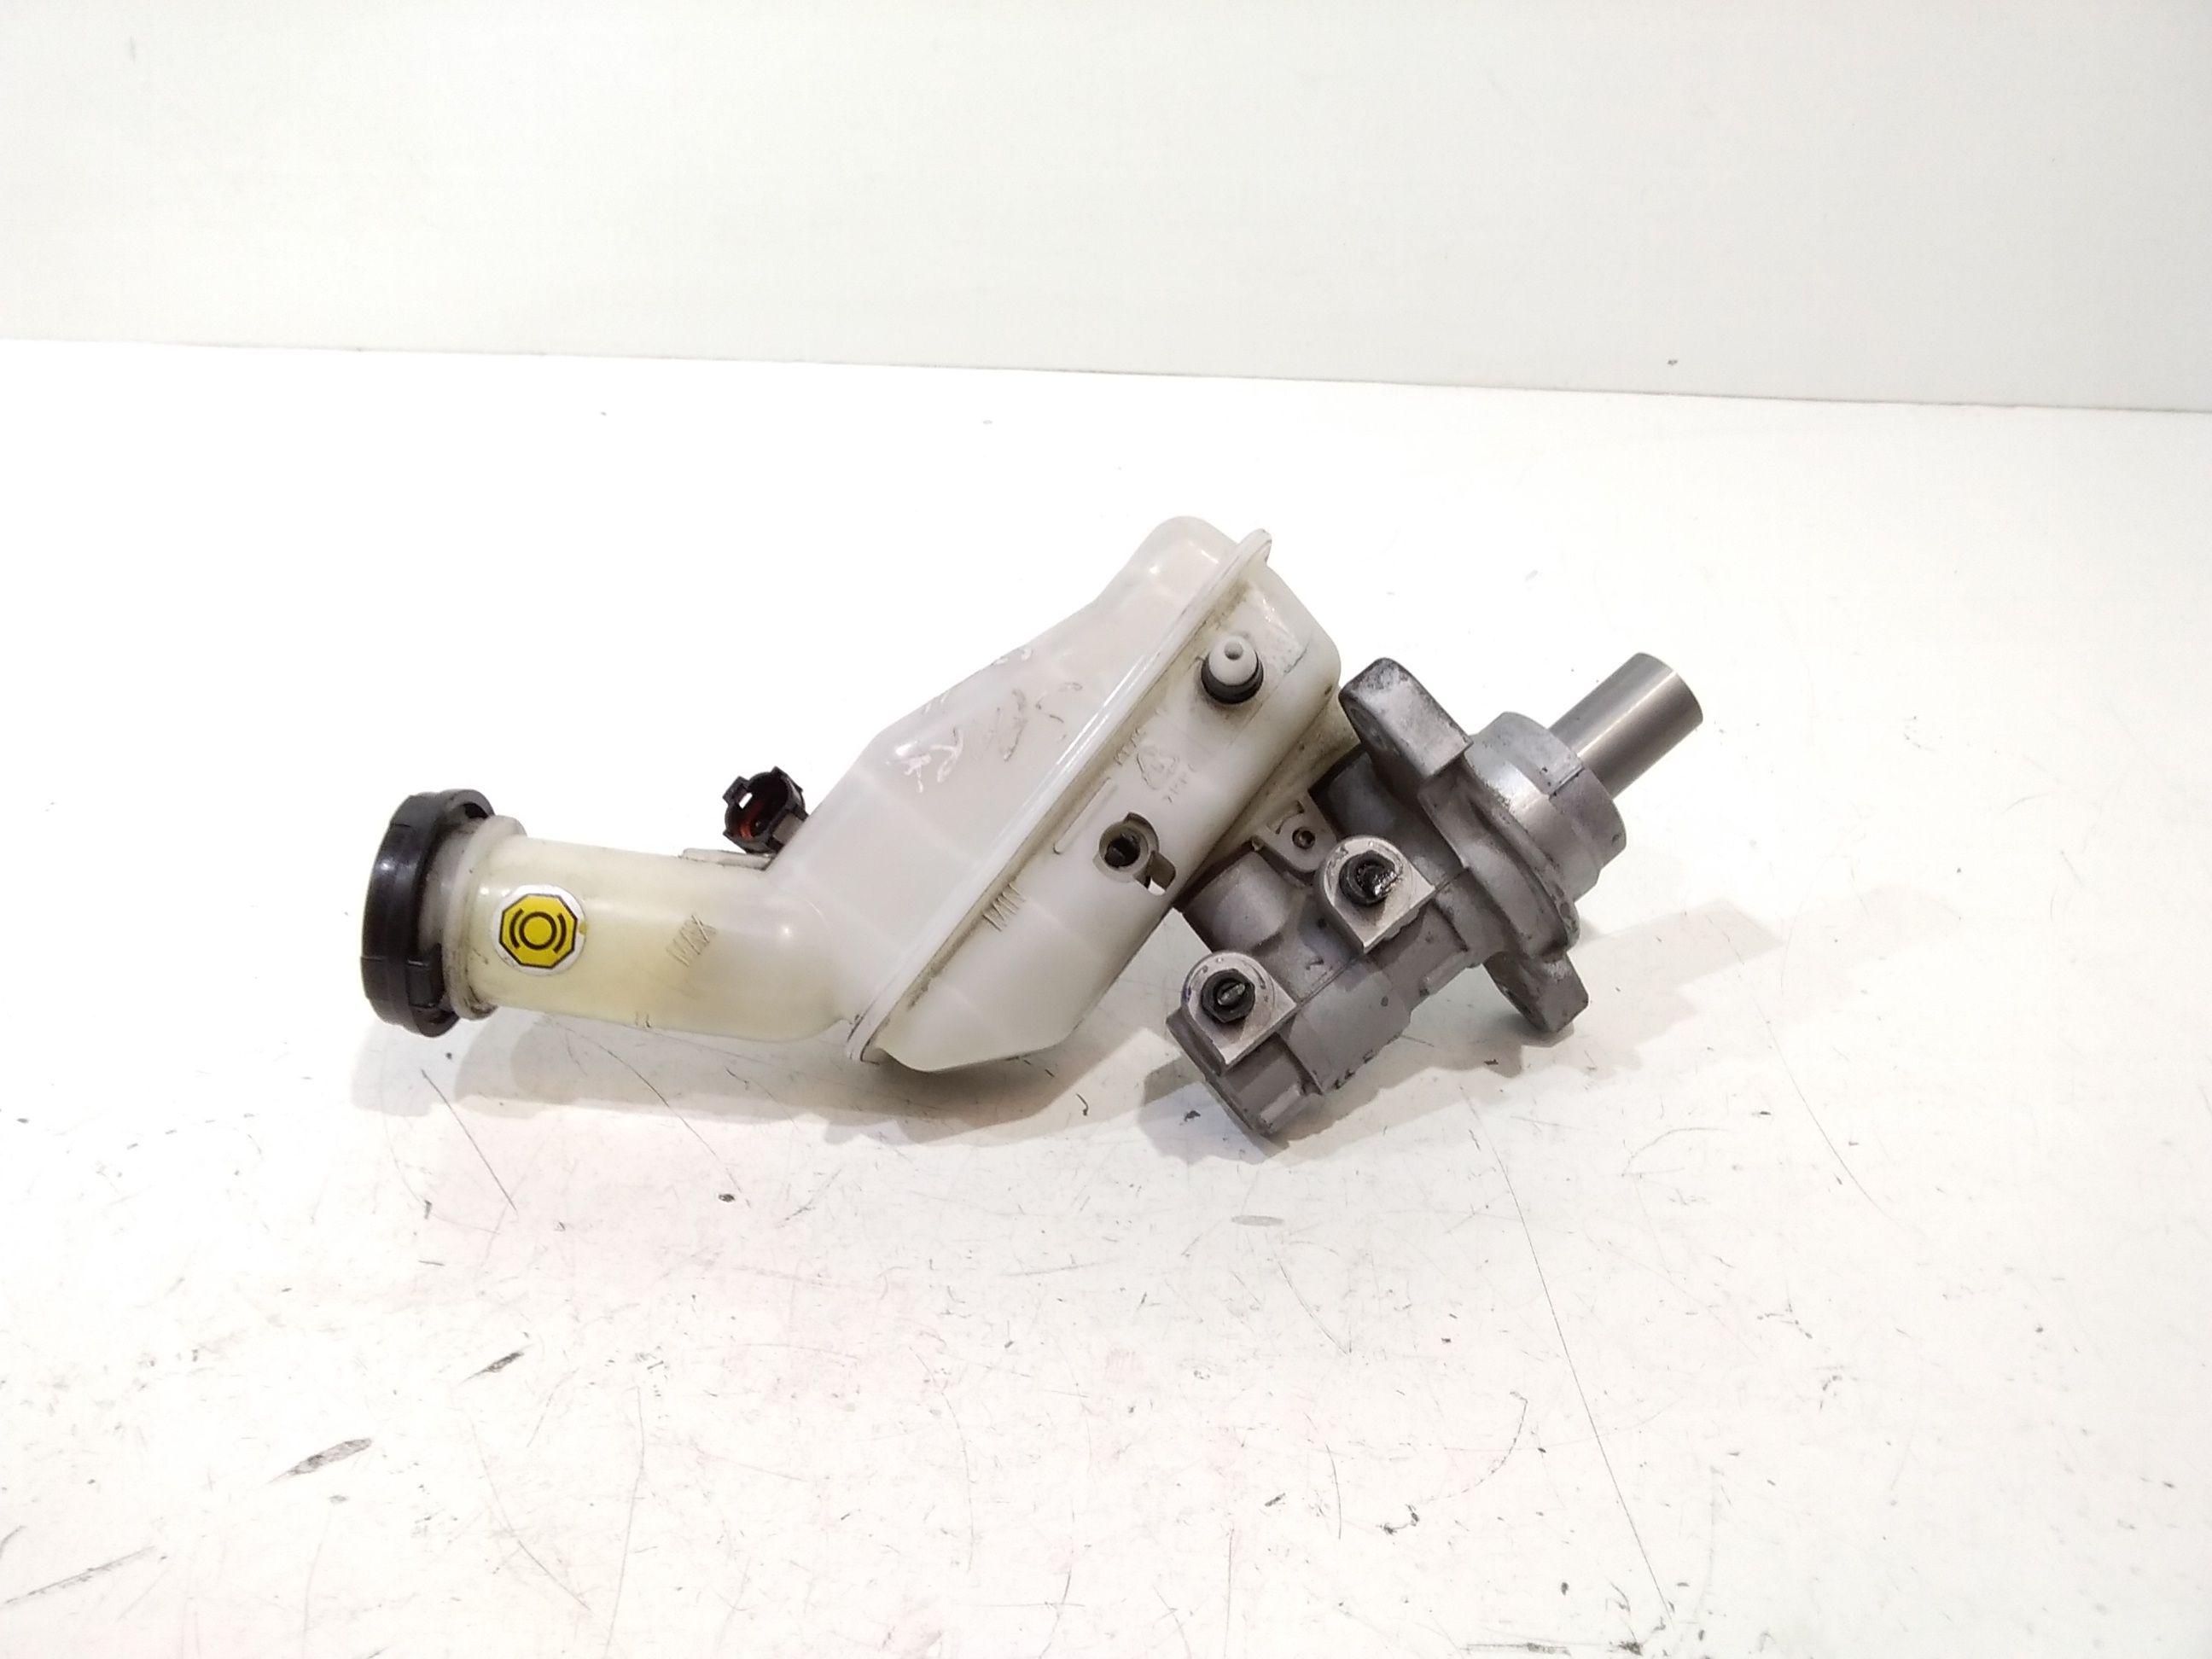 429294 POMPA FRENI CHEVROLET Spark 2° Serie 1200 Benzina (2013) RICAMBI USATI